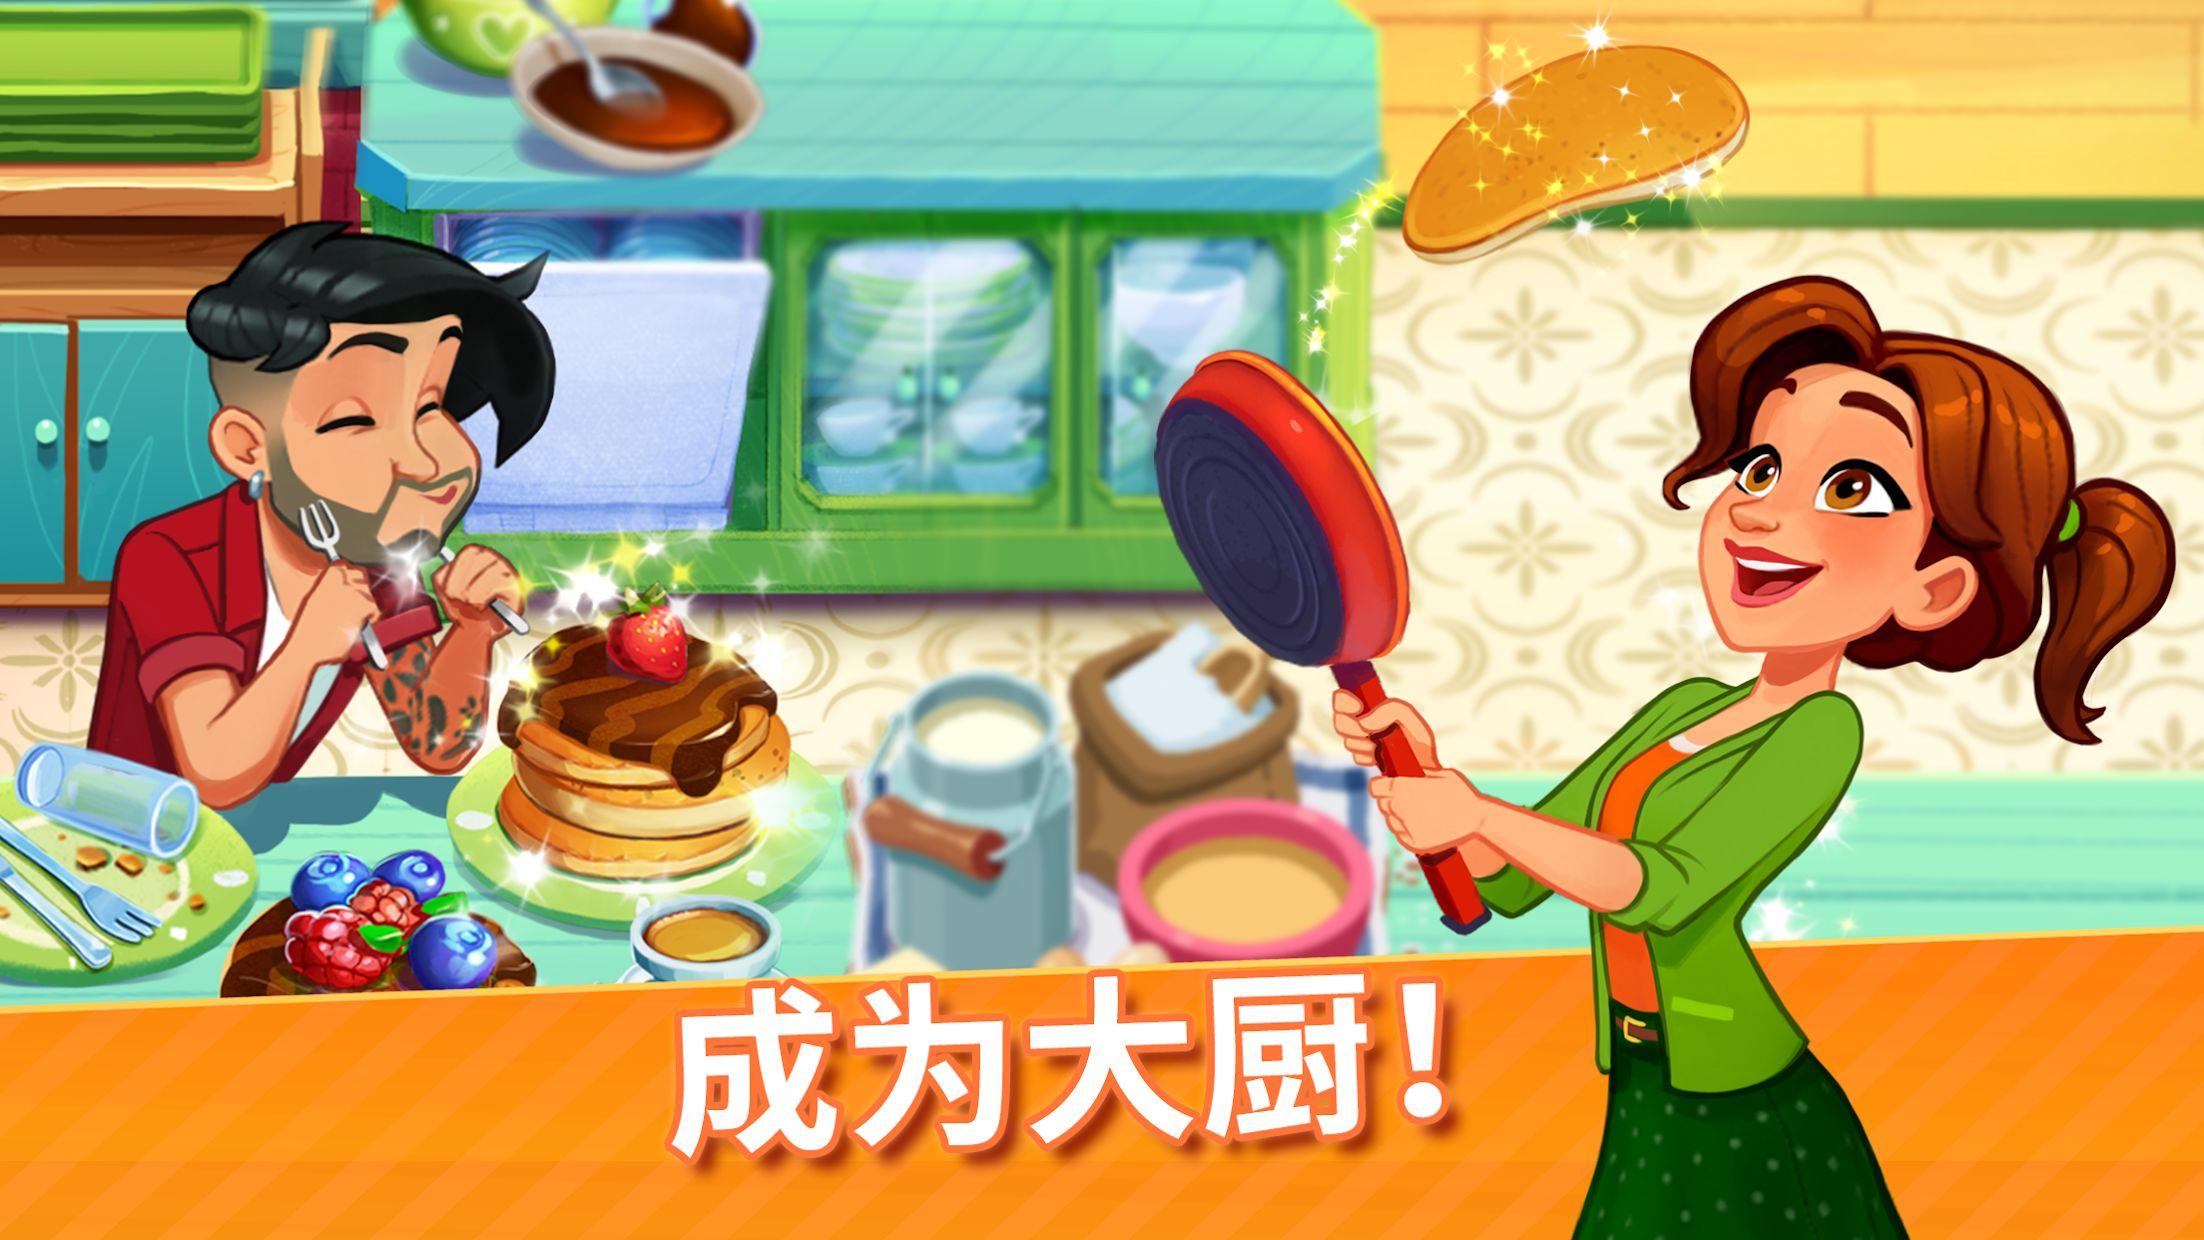 美味餐厅世界 - 烹饪游戏 游戏截图2